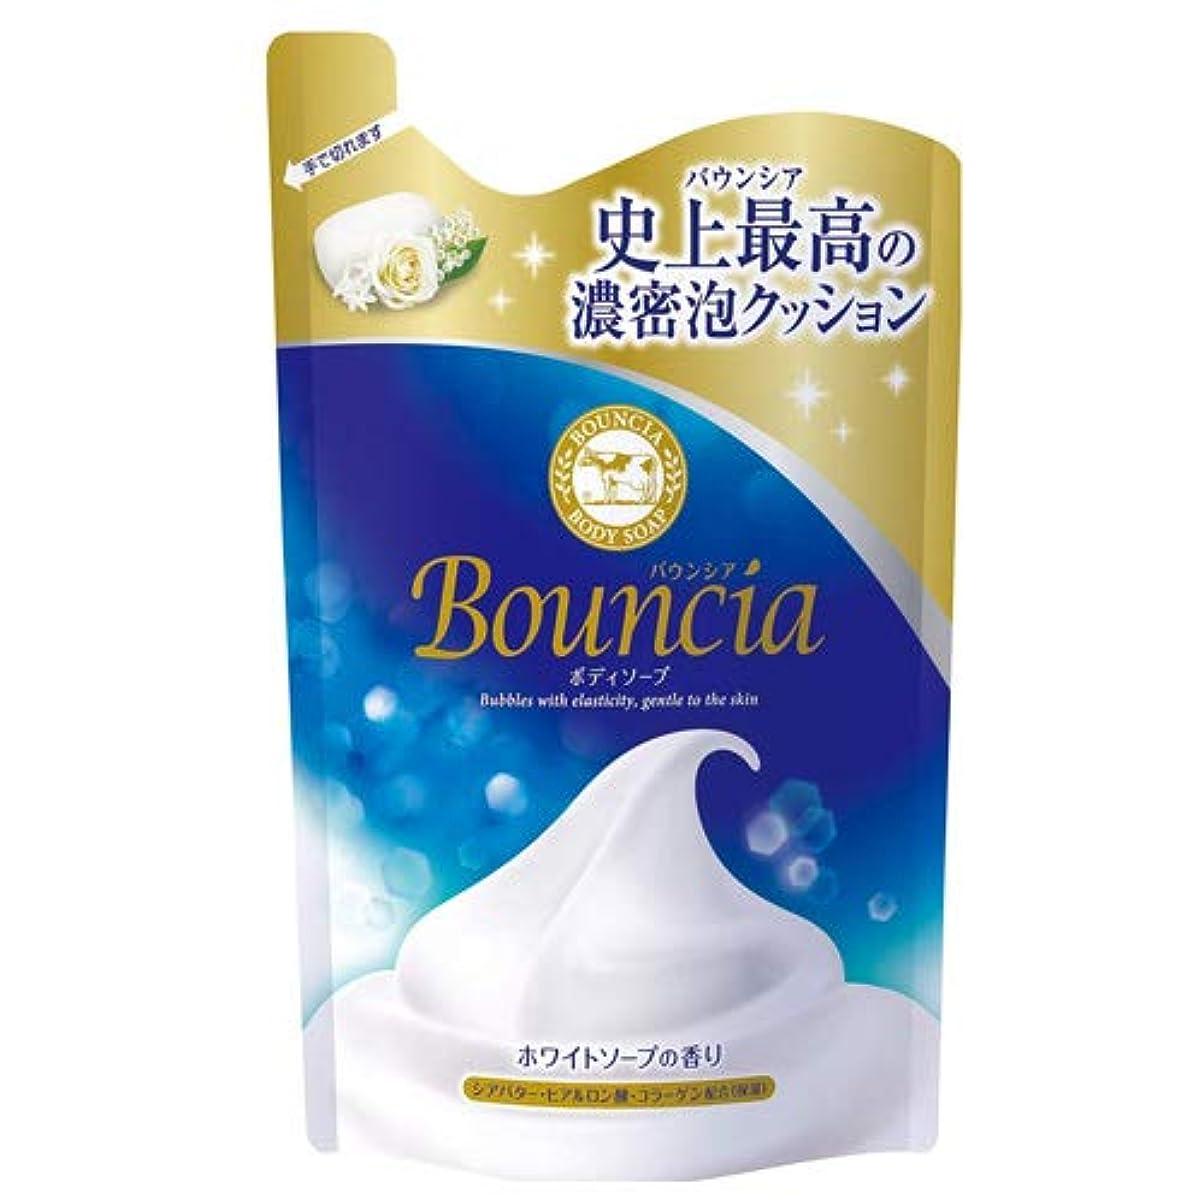 絶えずコレクション絶縁する牛乳石鹸 バウンシア ボディソープ 詰替用 400ml×4個